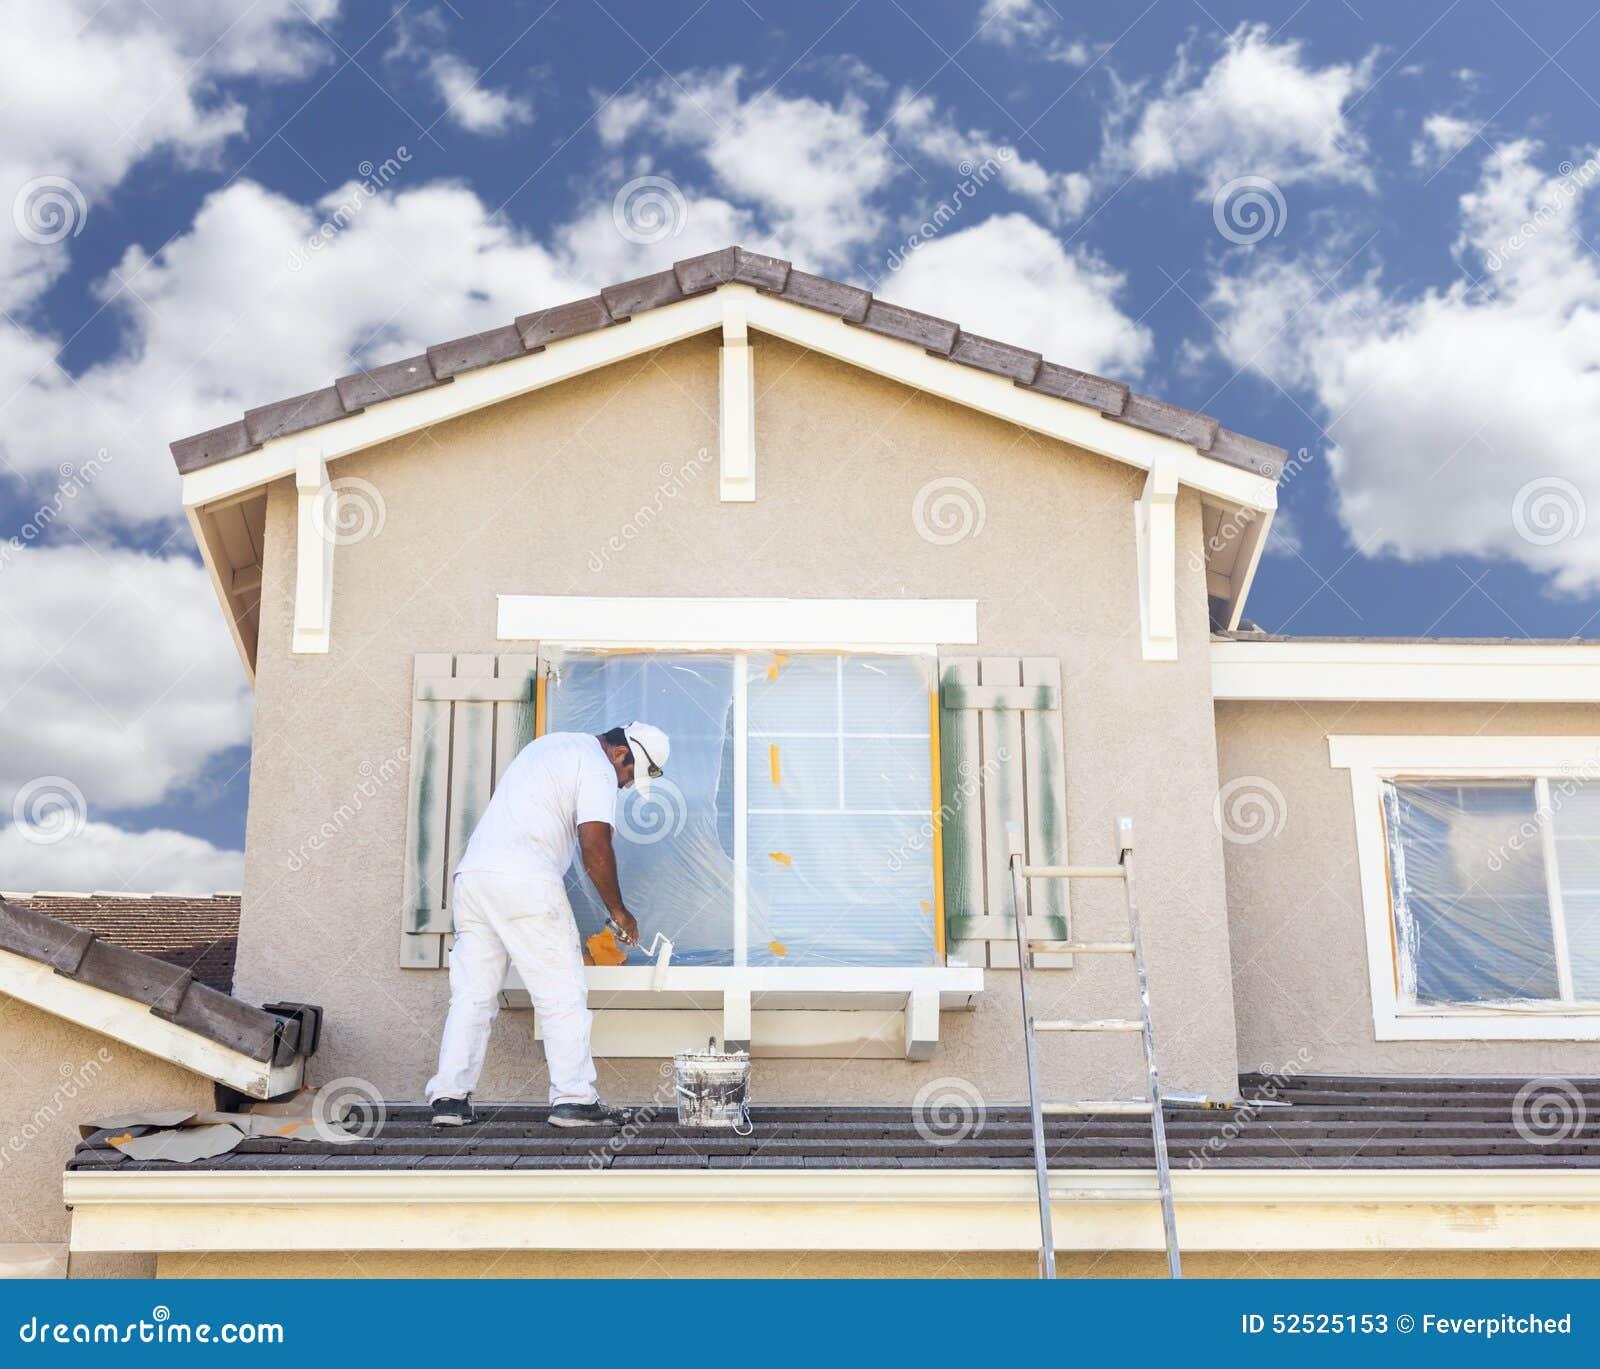 Ζωγράφος σπιτιών που χρωματίζει την περιποίηση και τα παραθυρόφυλλα του σπιτιού